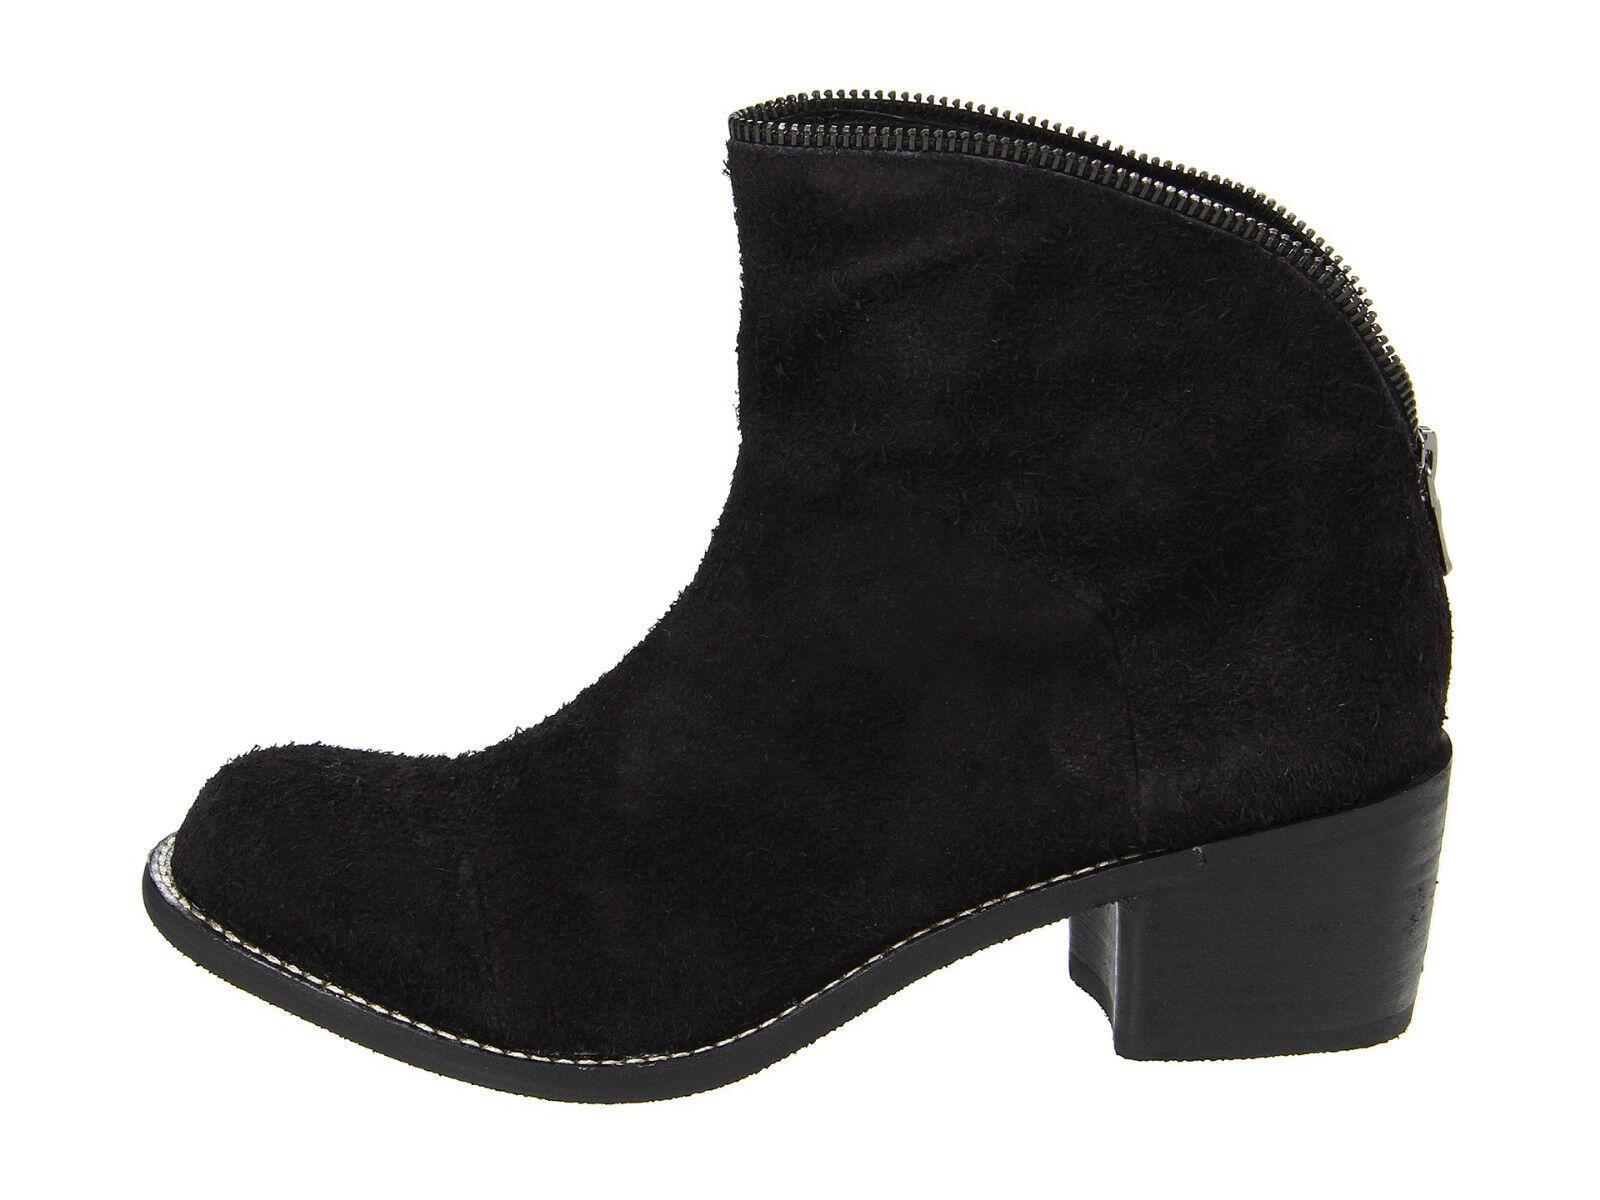 Diseñador Joe's Jeans Flavia botas en de ante negro cuero nuevo en botas caja NIB al por menor  225 397b42